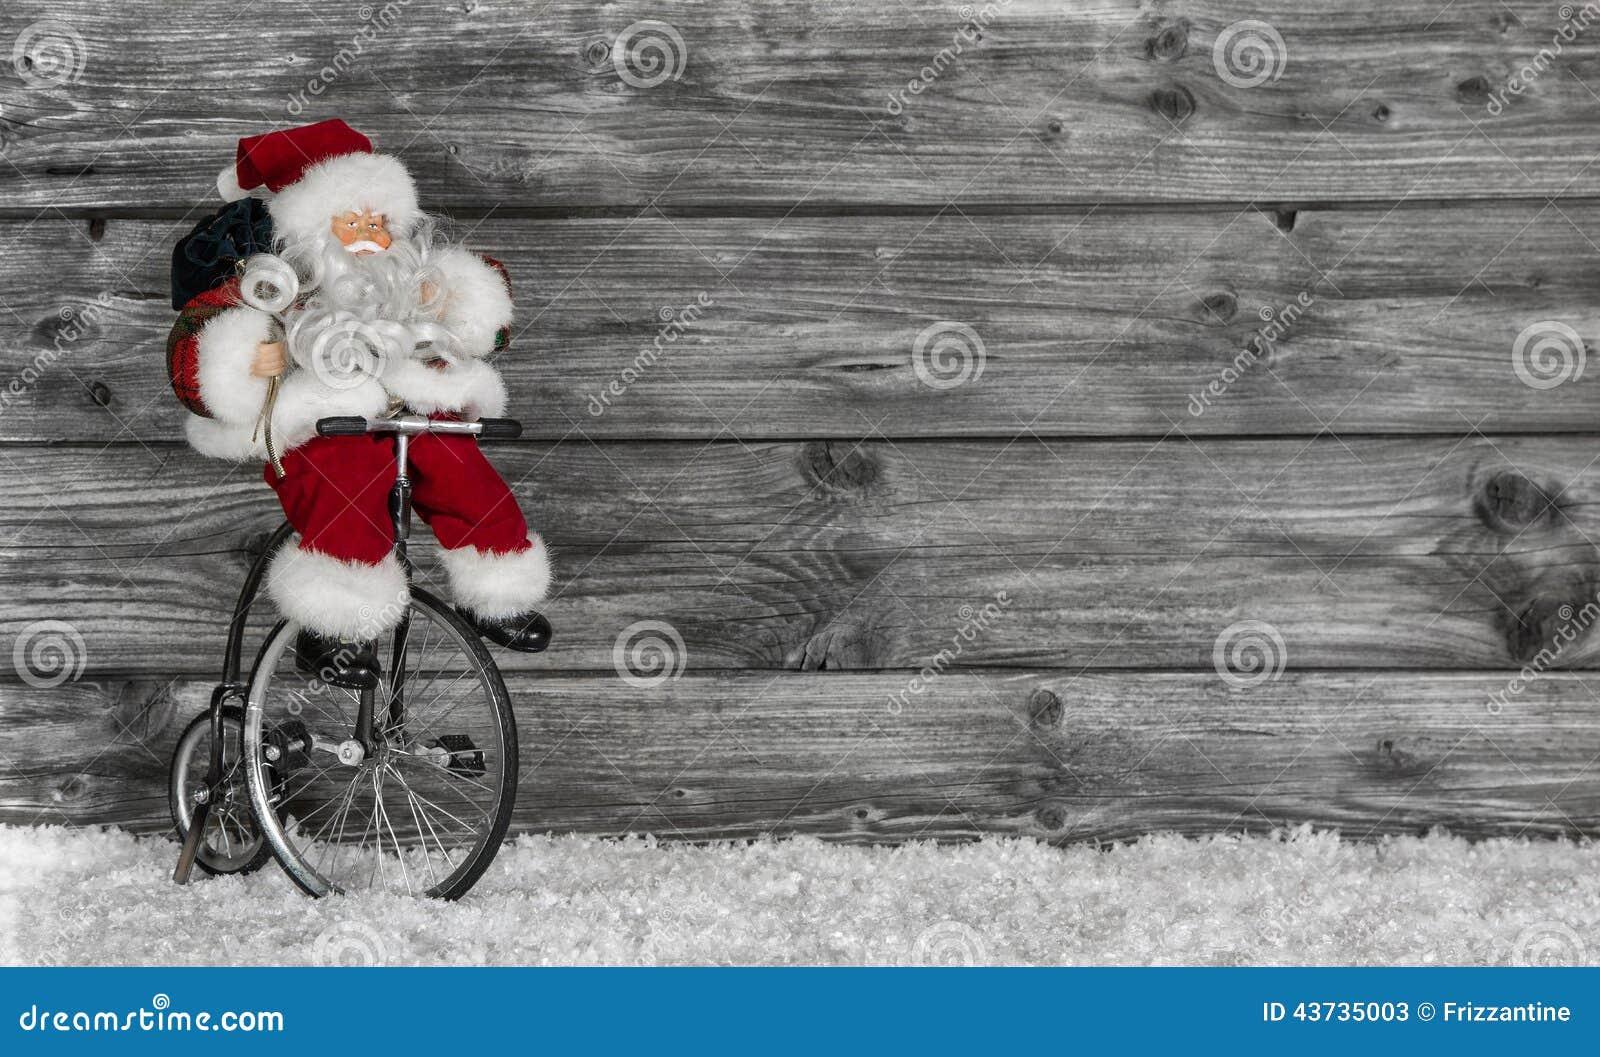 lustige kaufende weihnachtsgeschenke sankt verziert auf. Black Bedroom Furniture Sets. Home Design Ideas